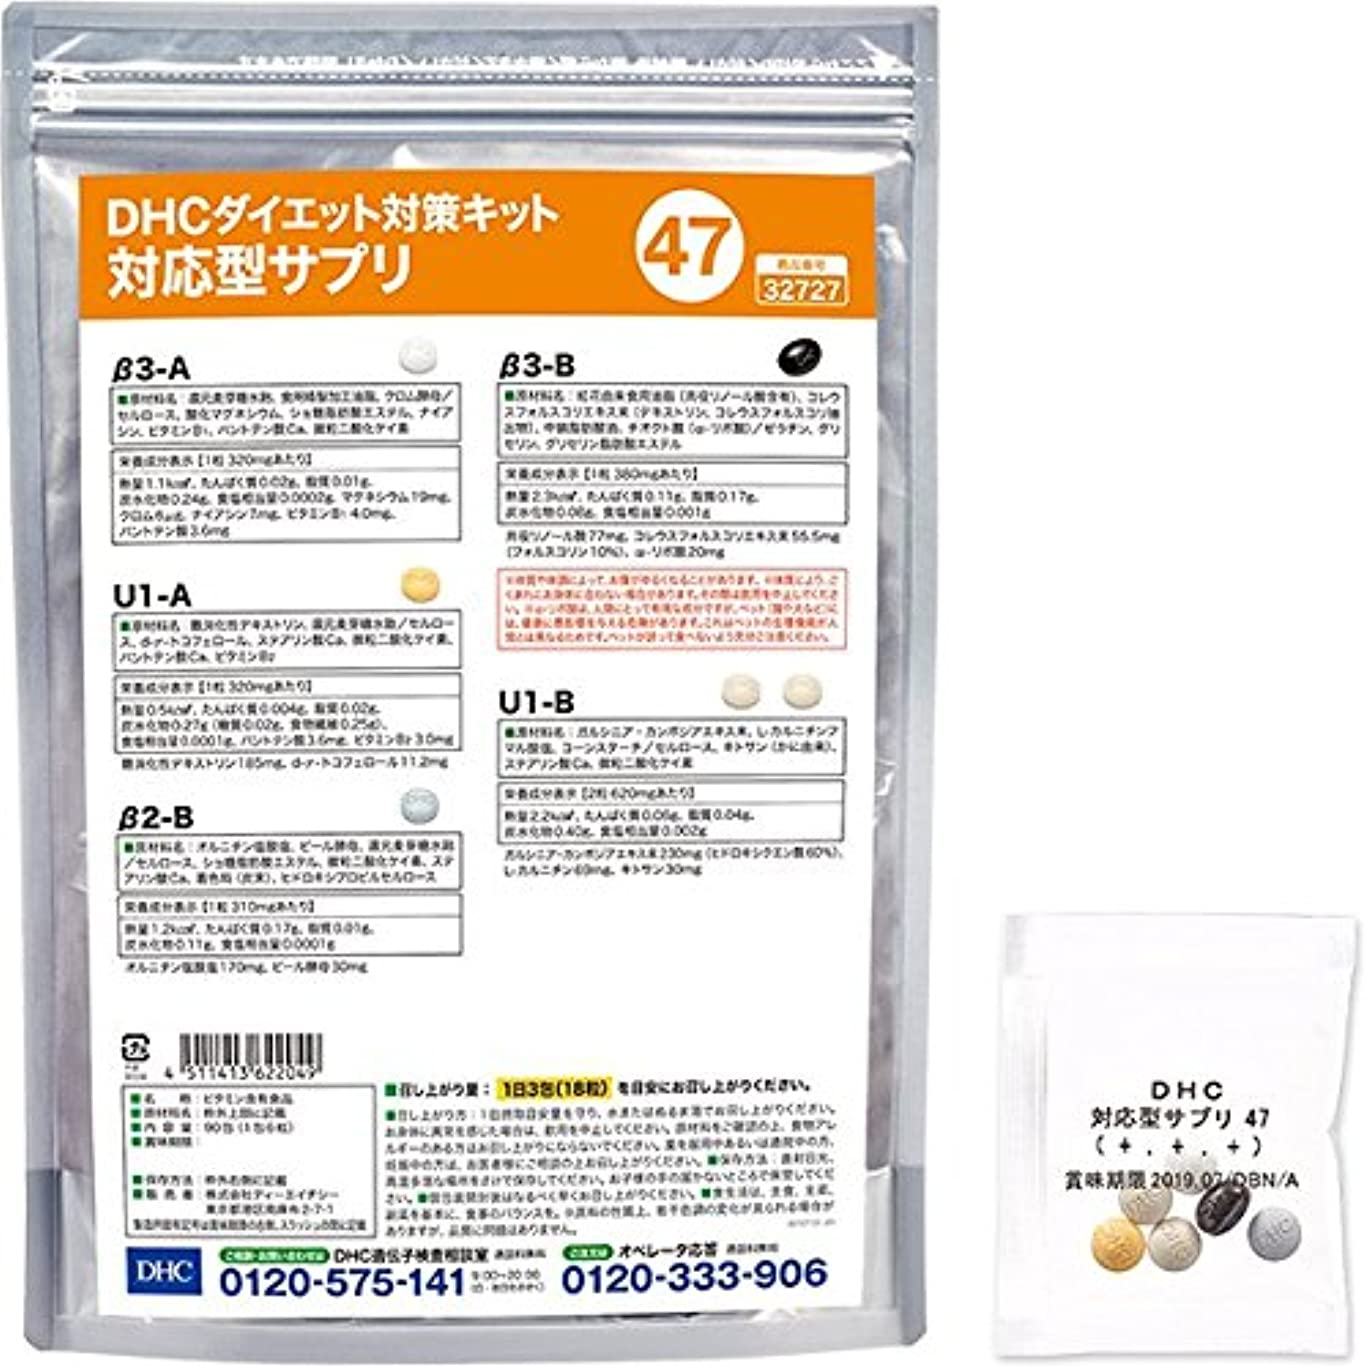 ブラウン品ありふれたDHCダイエット対策キット対応型サプリ47